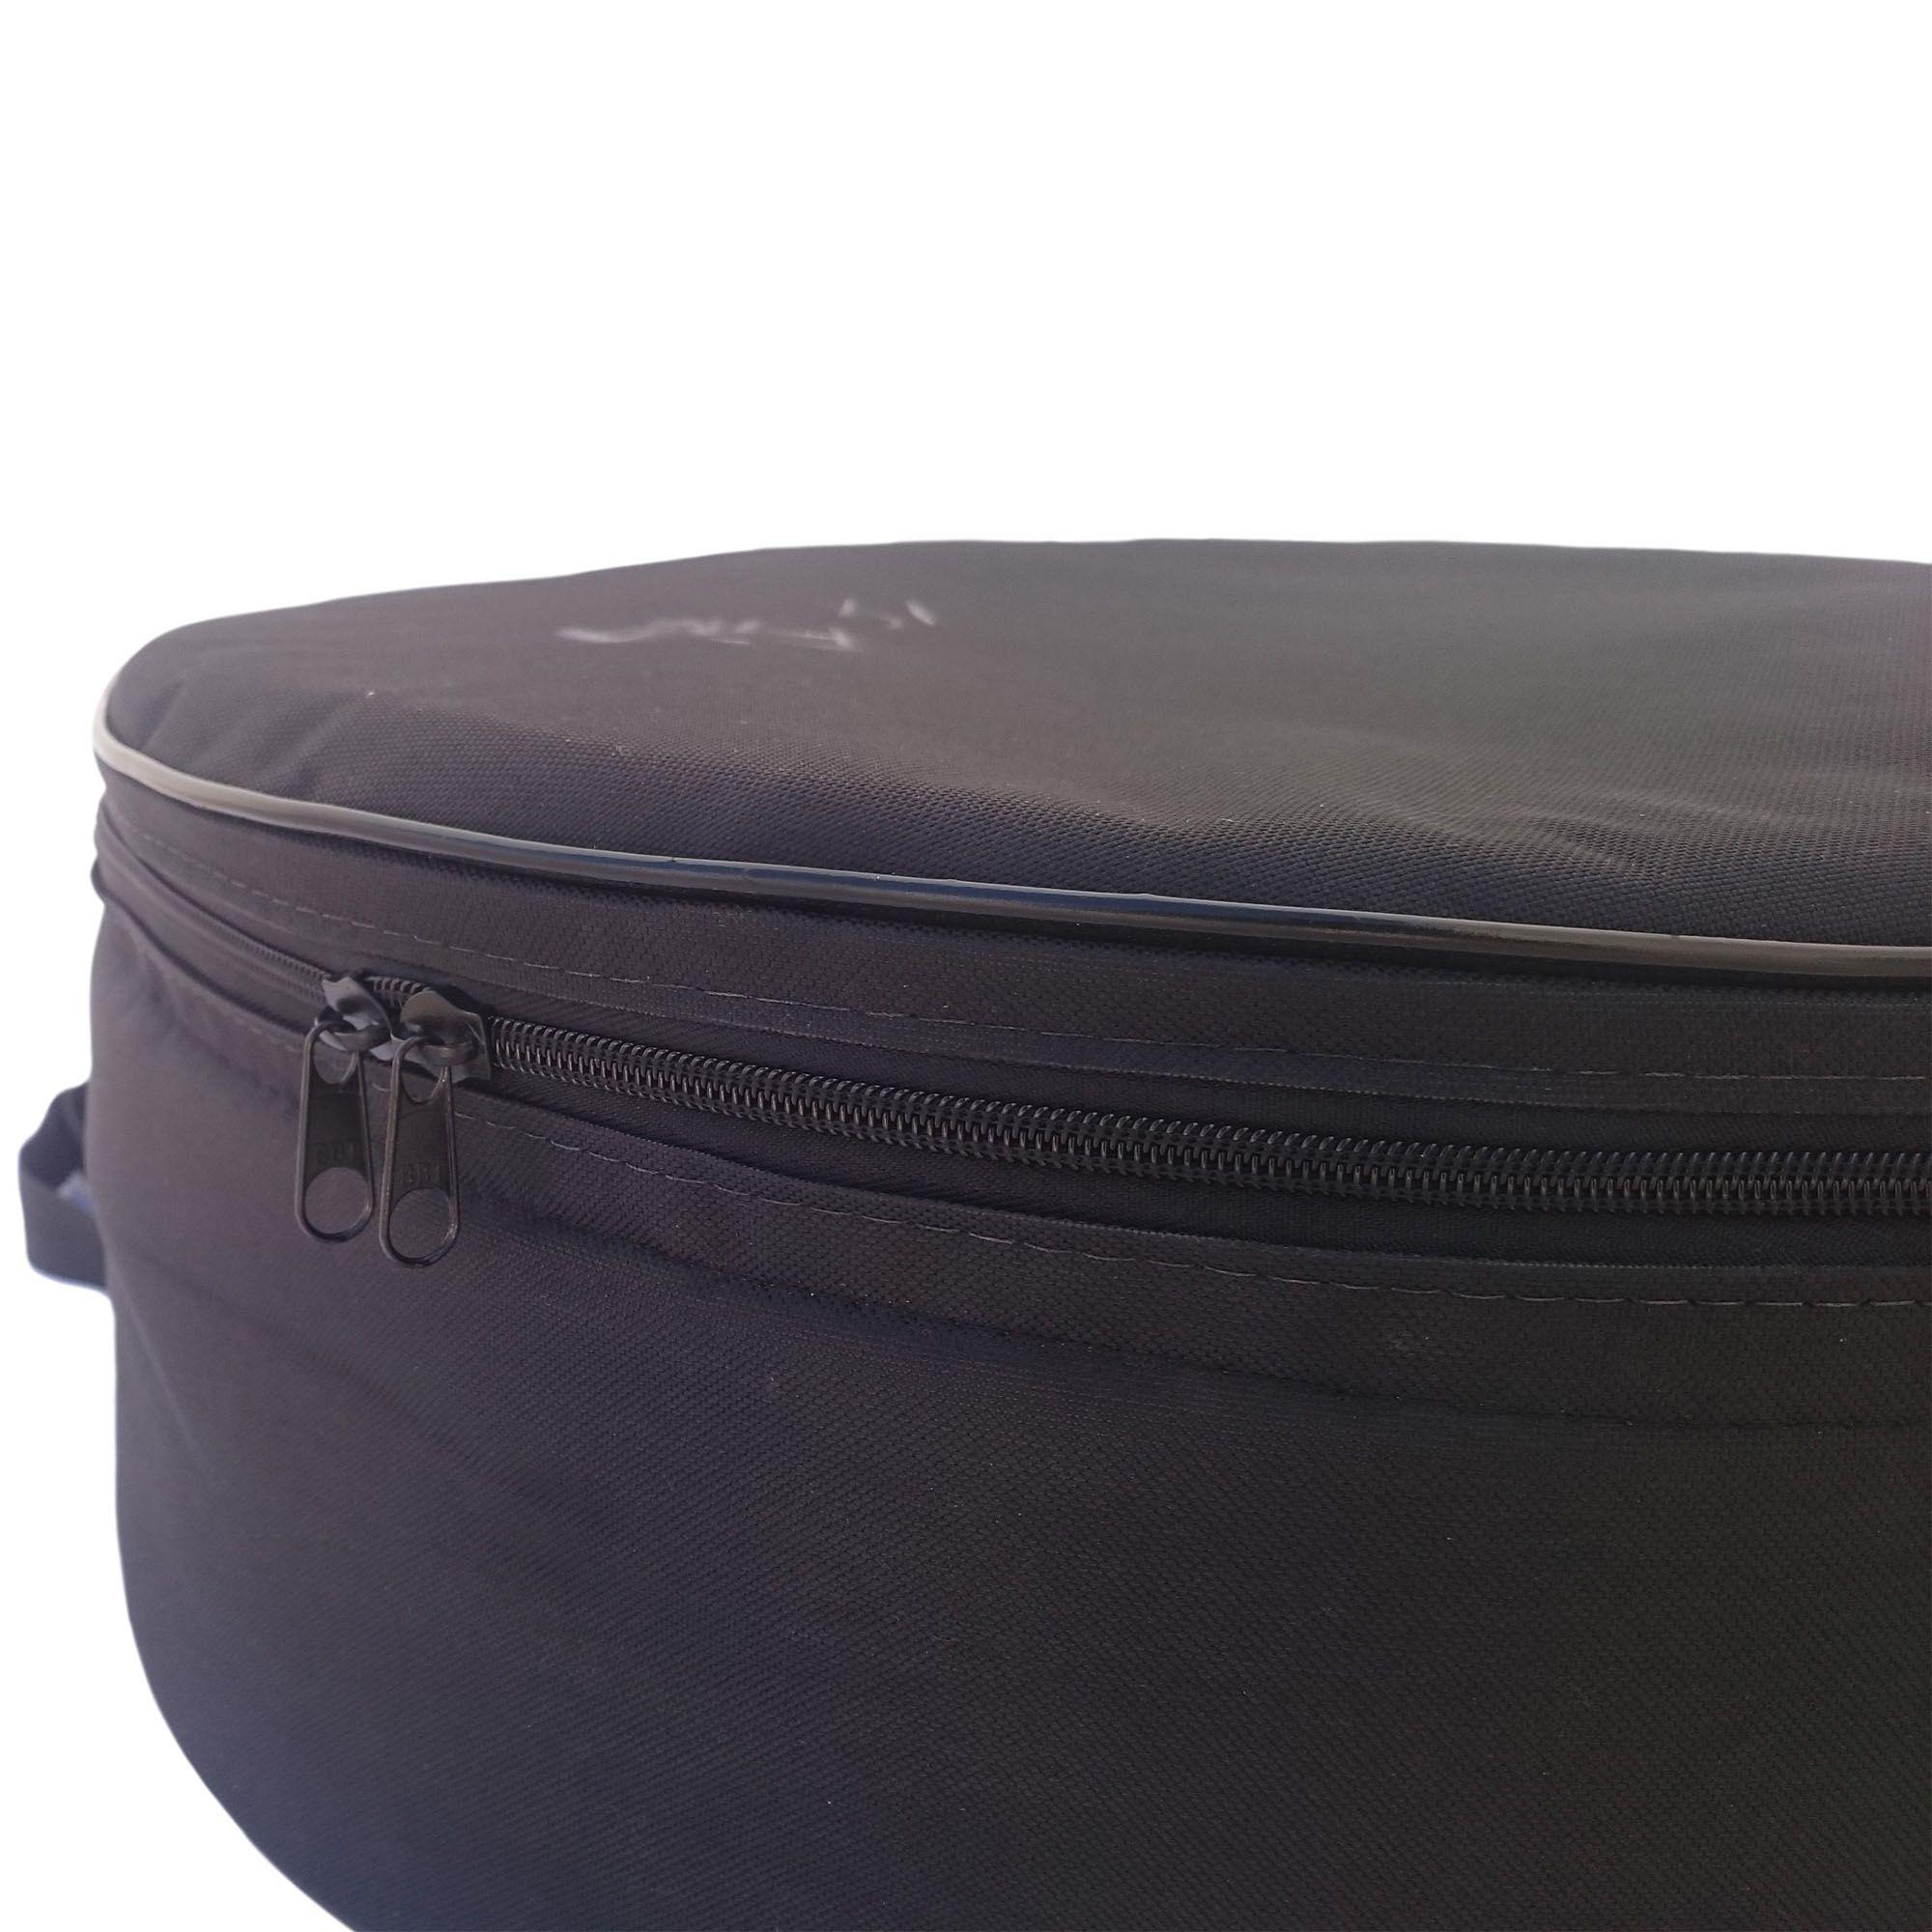 Kit de Bag's Extra-Luxo para Bateria com 6 Pçs (T10T12T13C14x18S16B22)